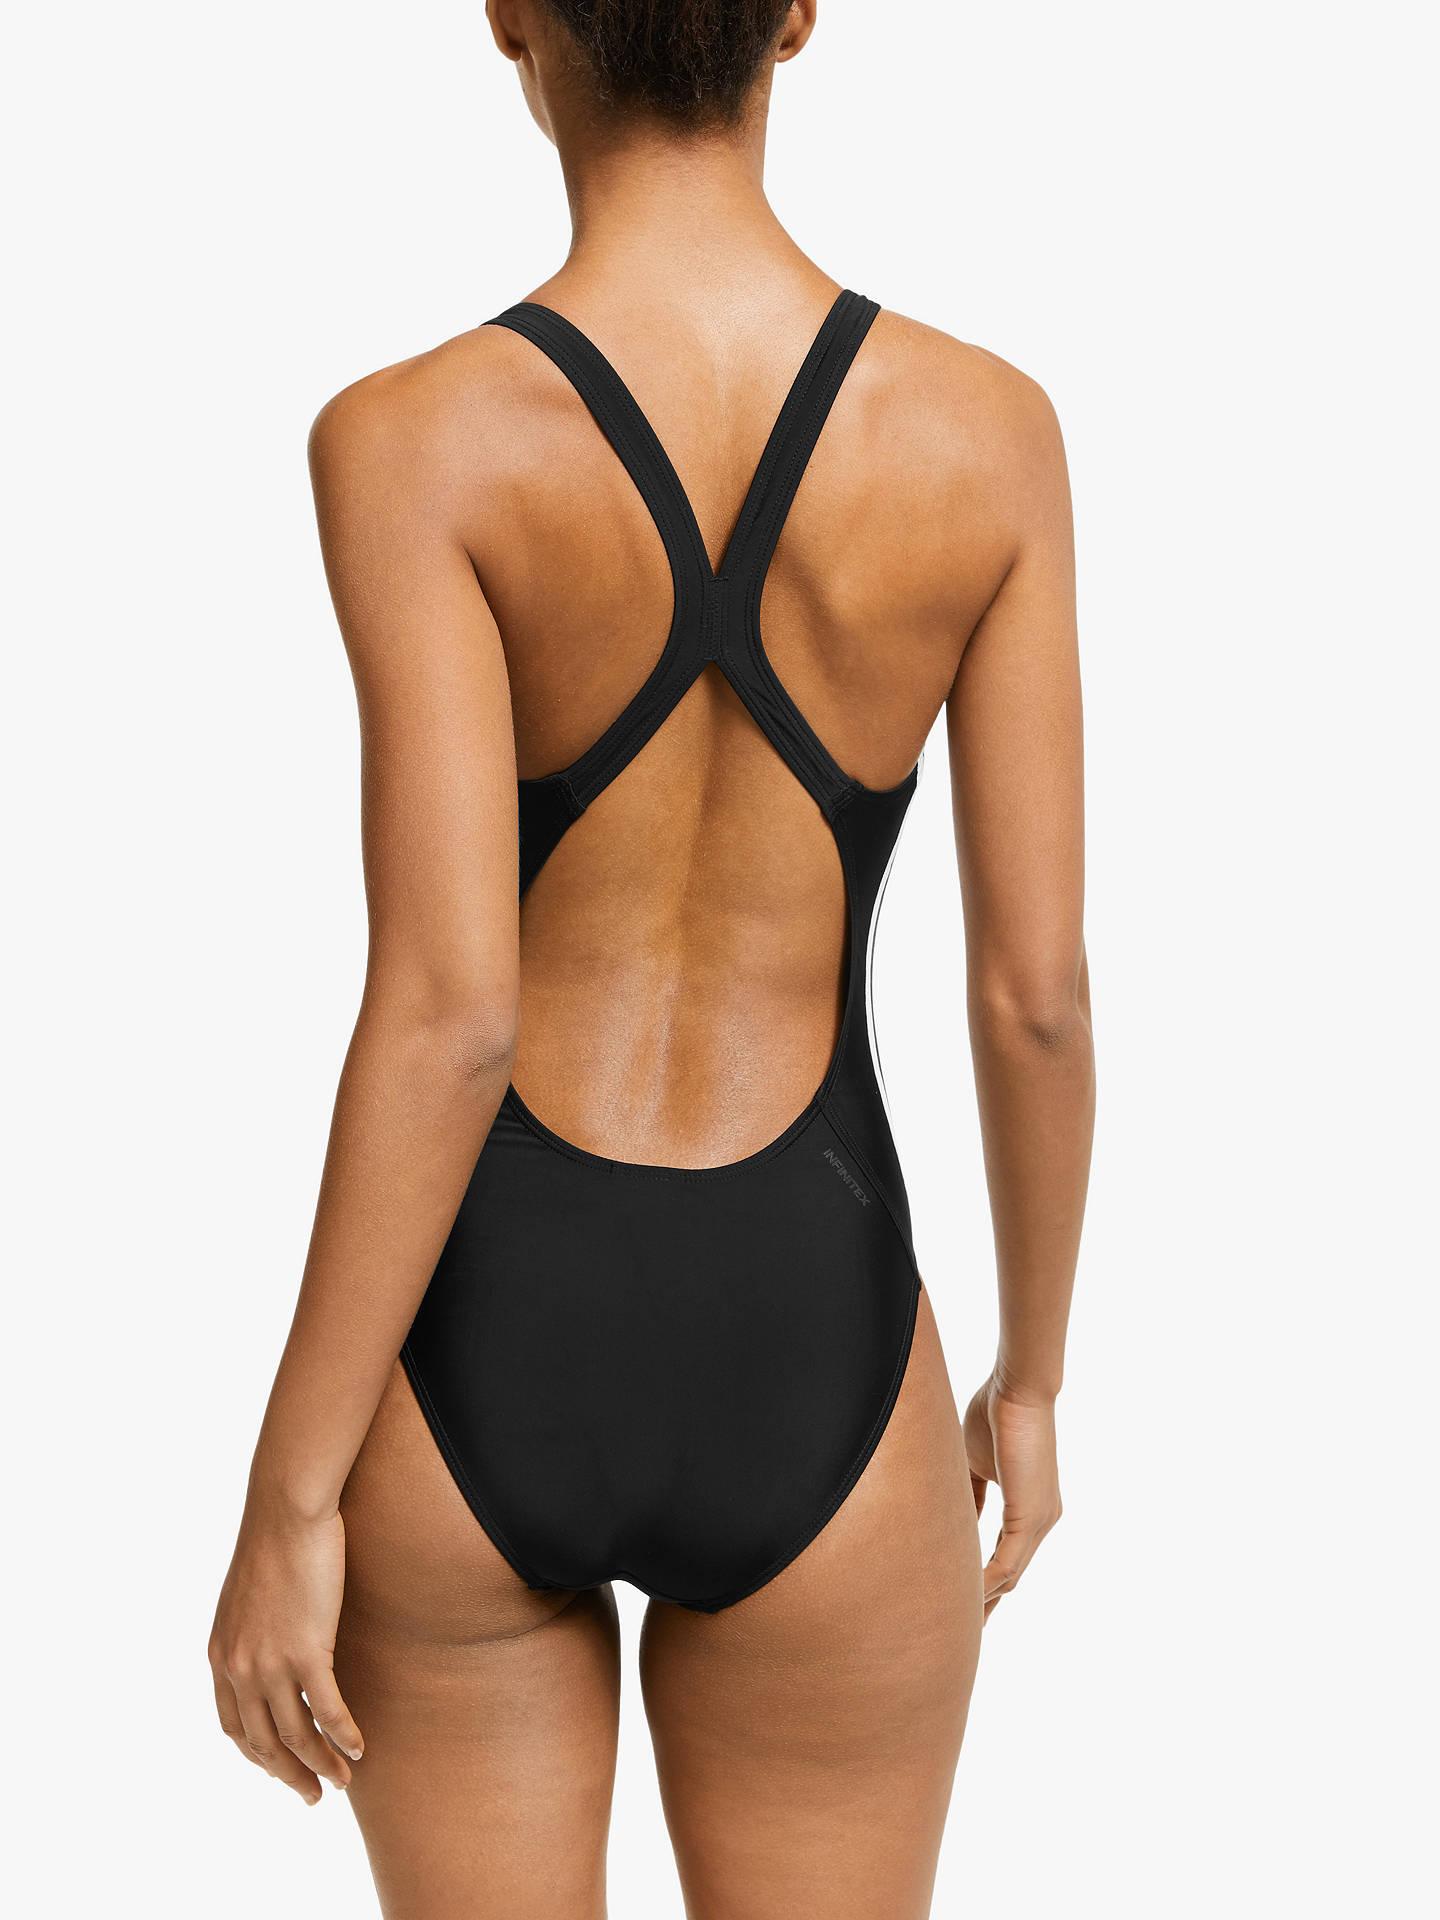 69fabecafa ... Buy adidas Athly V 3-Stripes Swimsuit